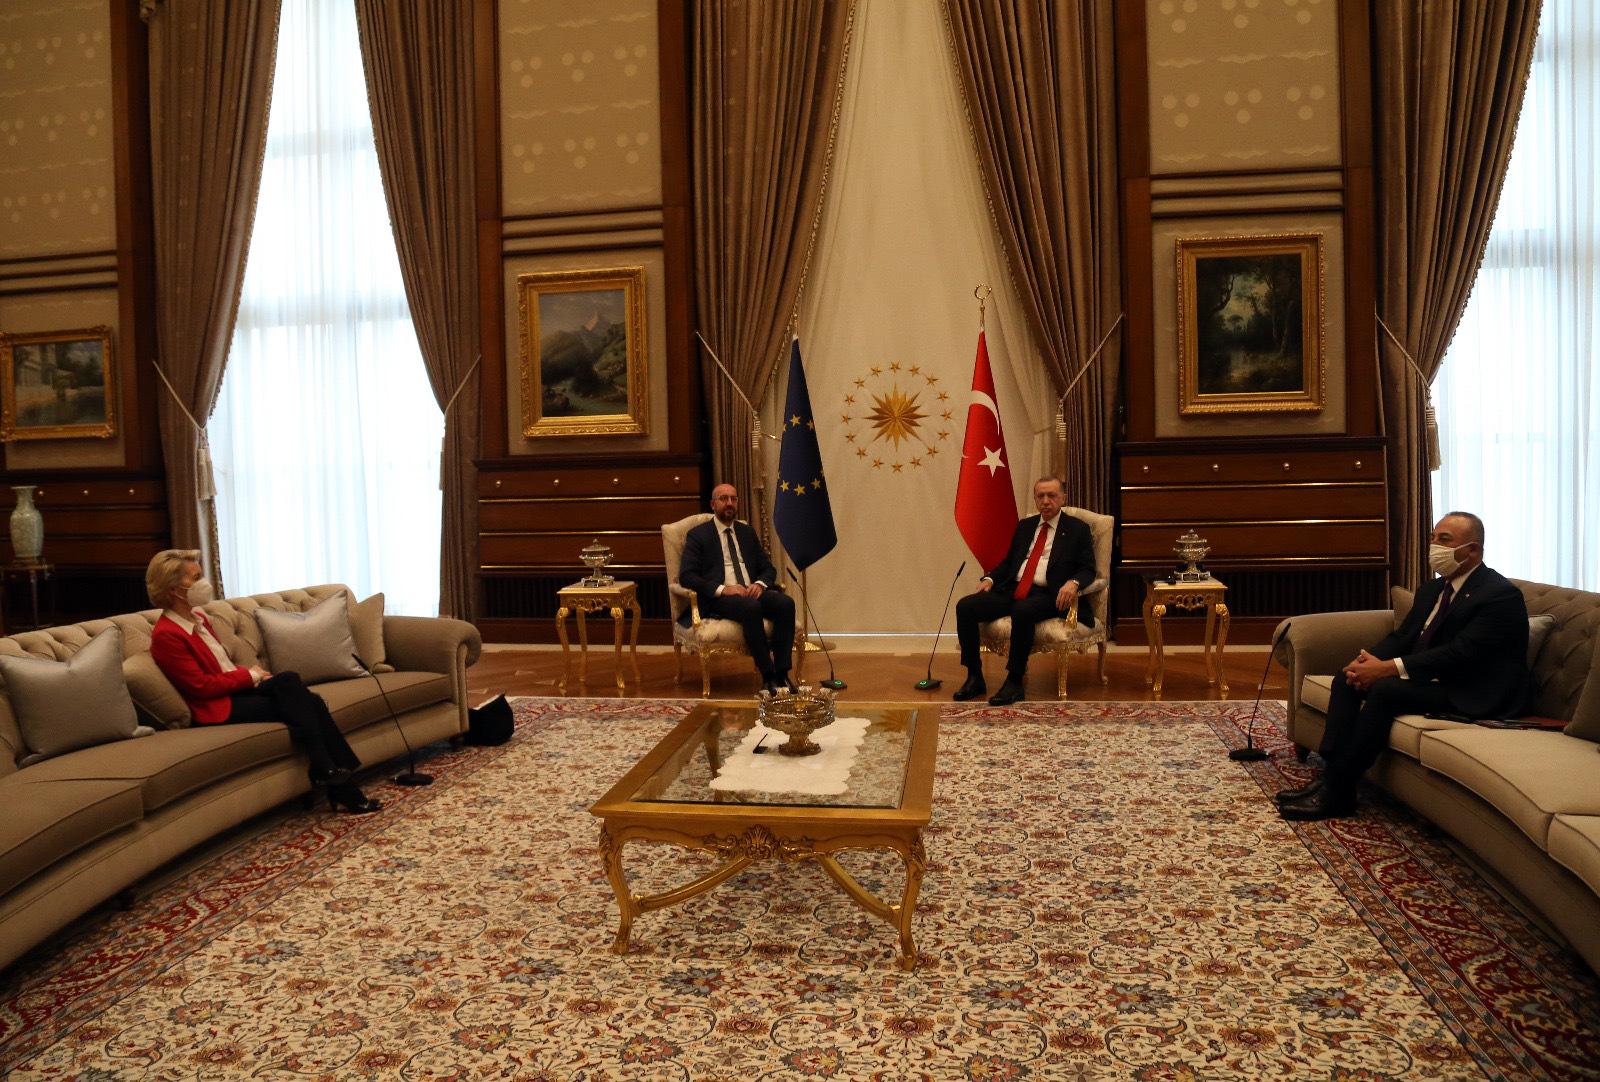 欧盟领导人访问土耳其 望东地中海局势持续降温